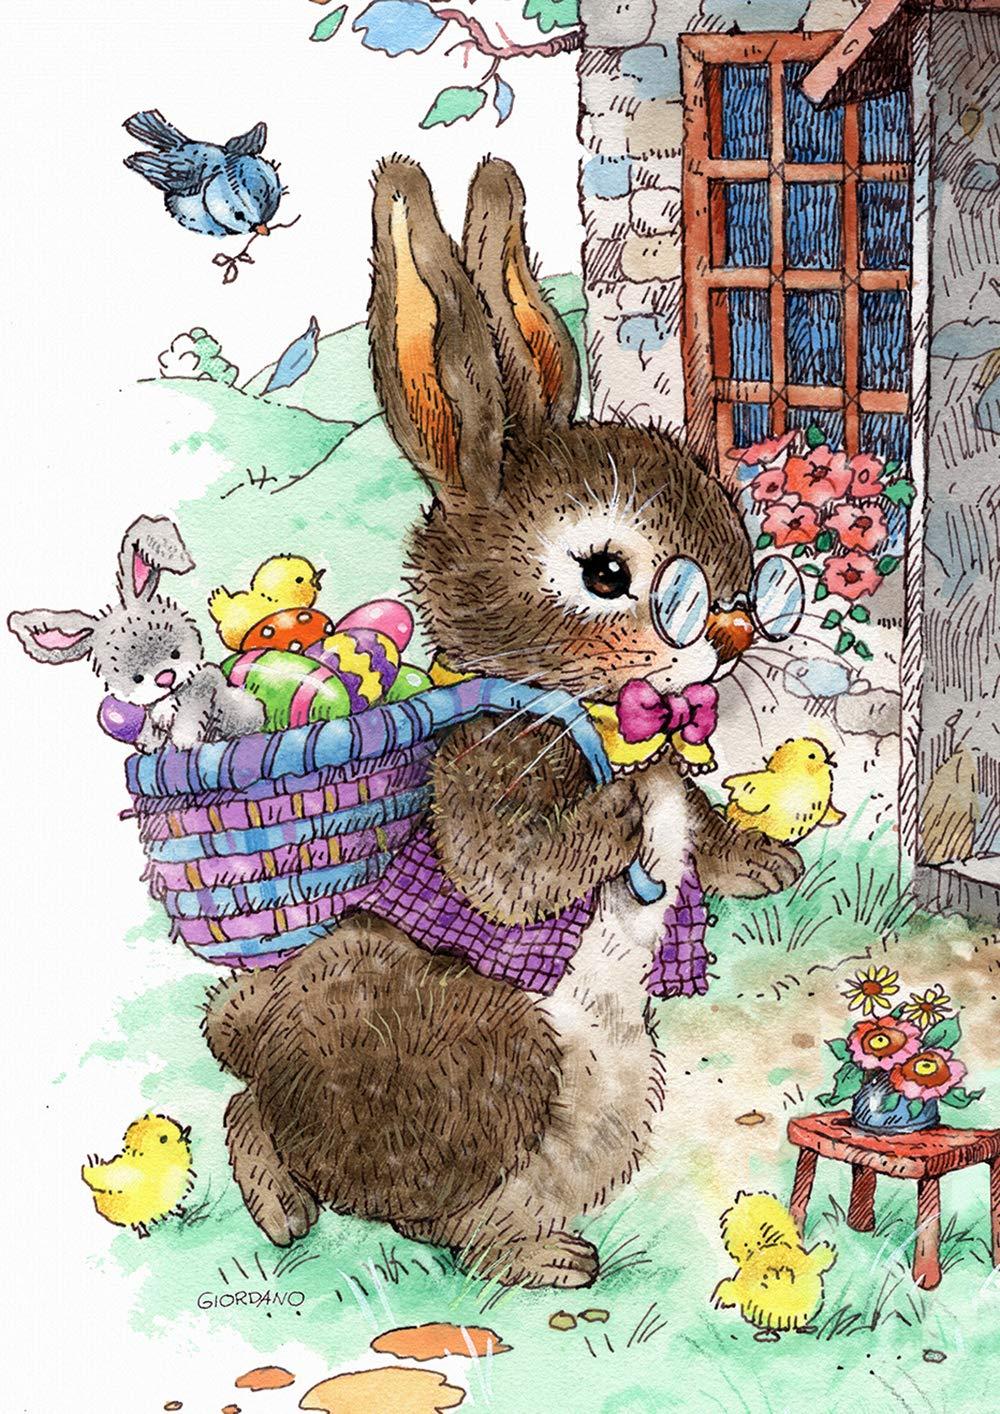 Toland Home Garden 1012287 Vintage Easter Bunny 28 x 40 Inch Decorative, Spring Egg Basket House Flag